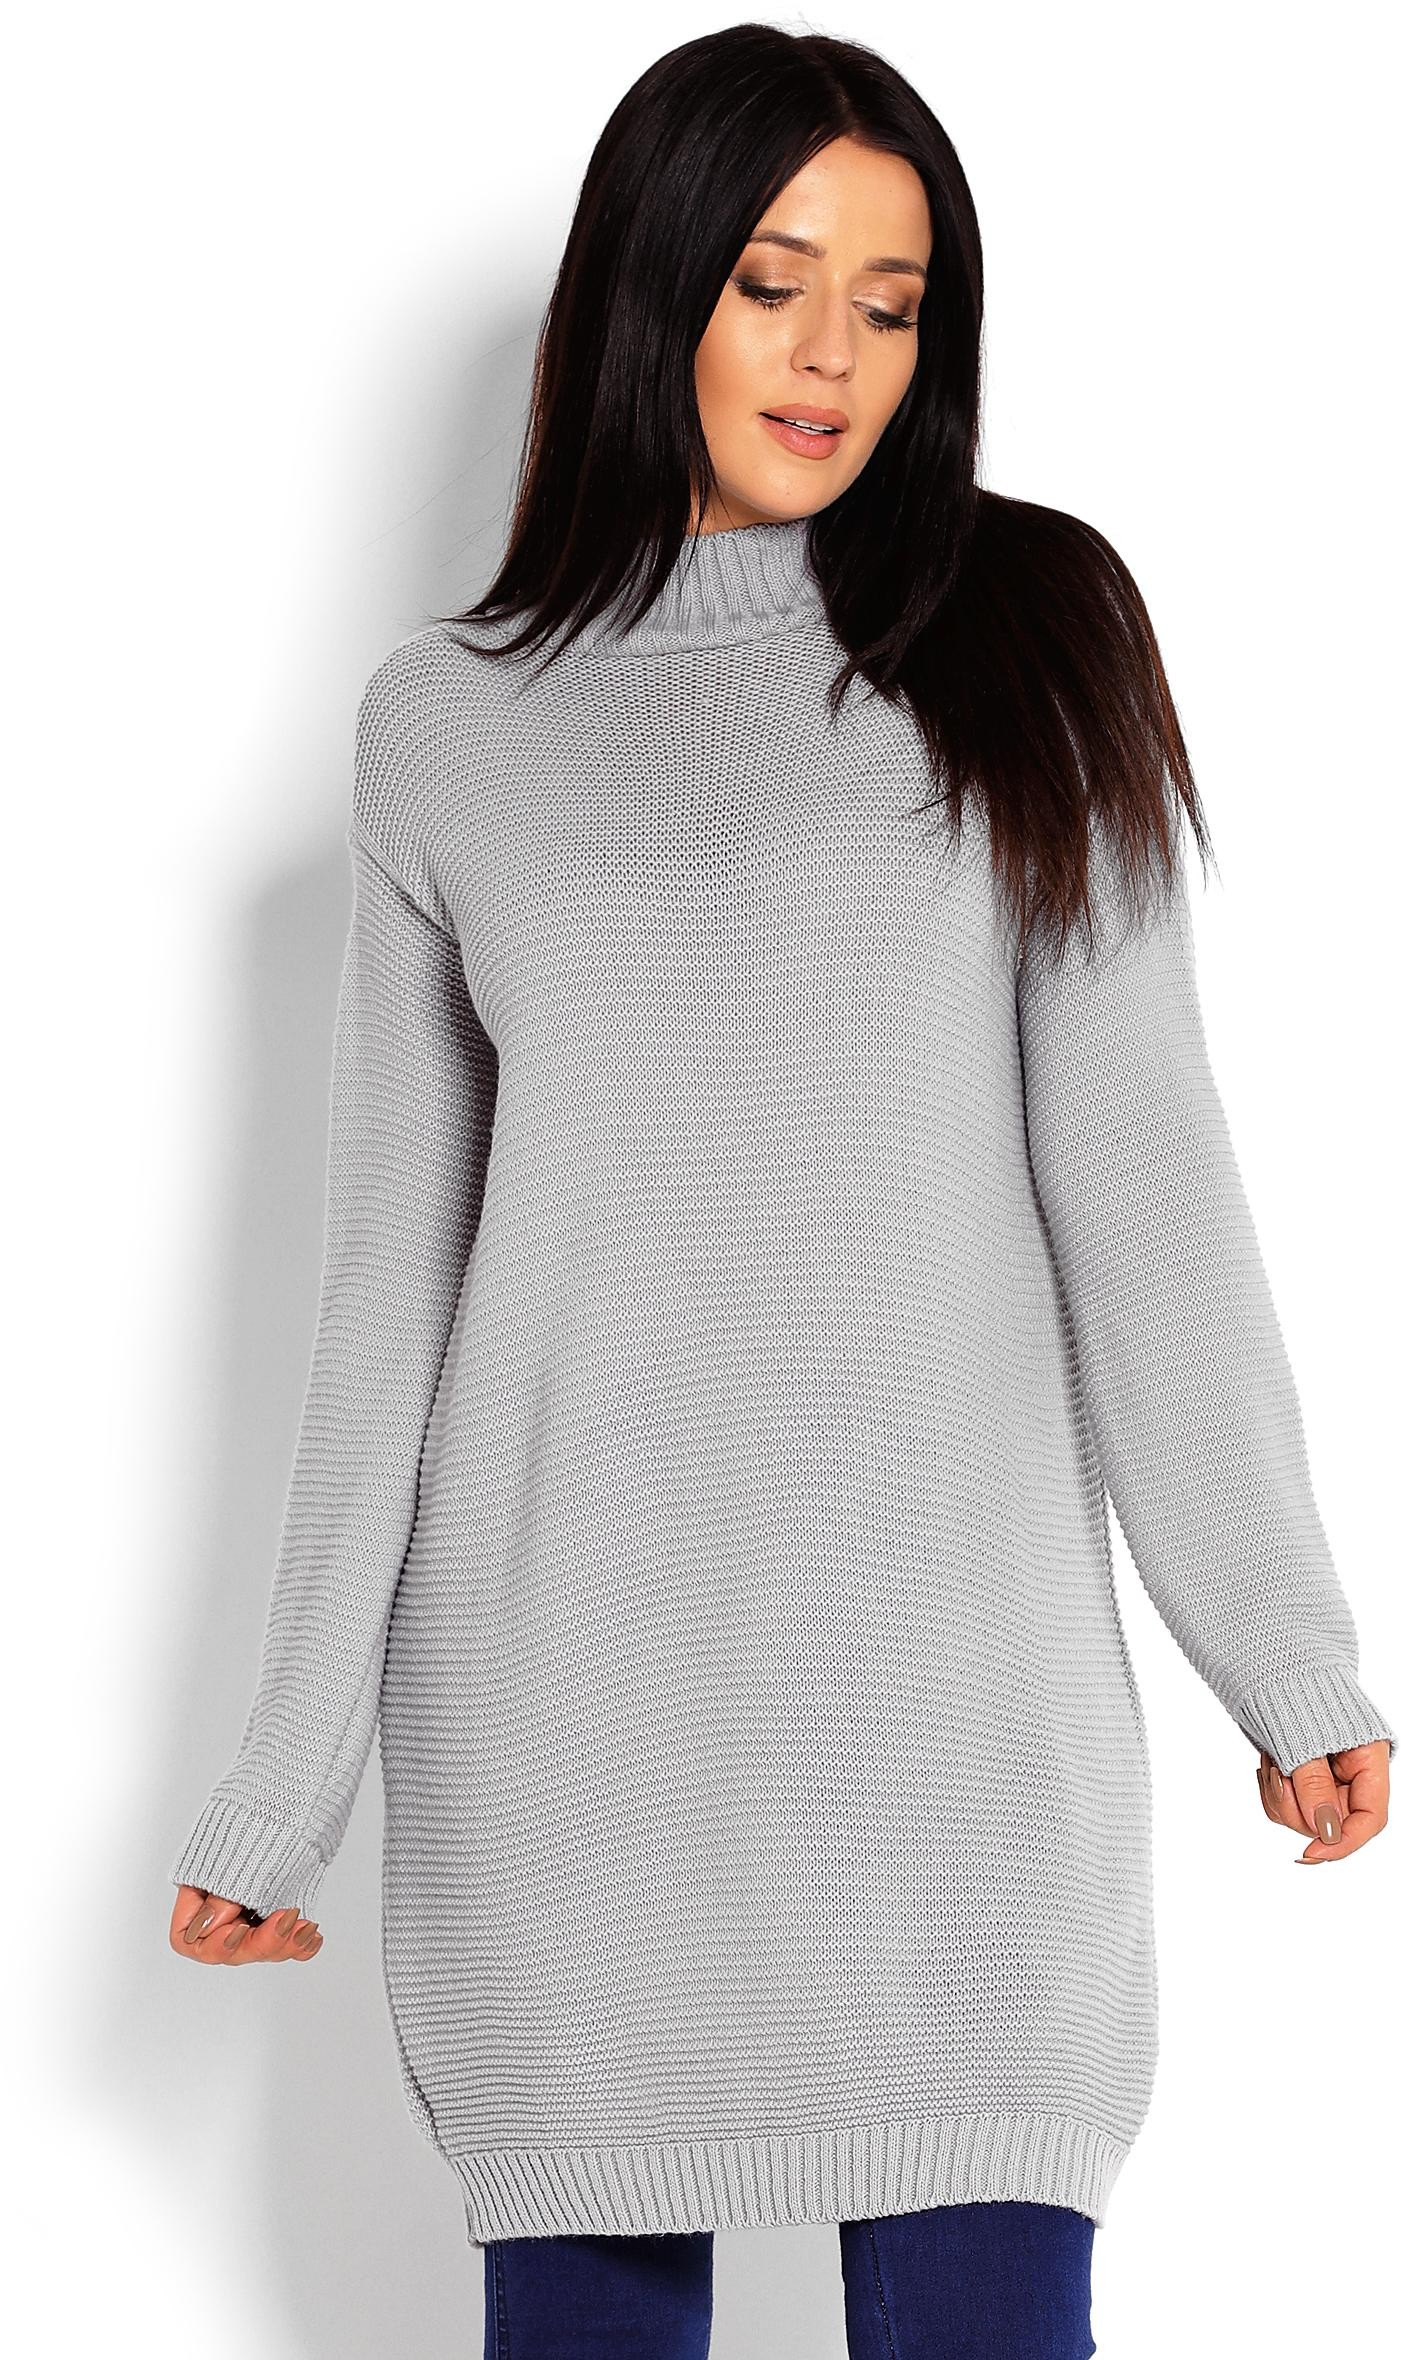 Dlhý sivý dámsky sveter 40009 - Uni